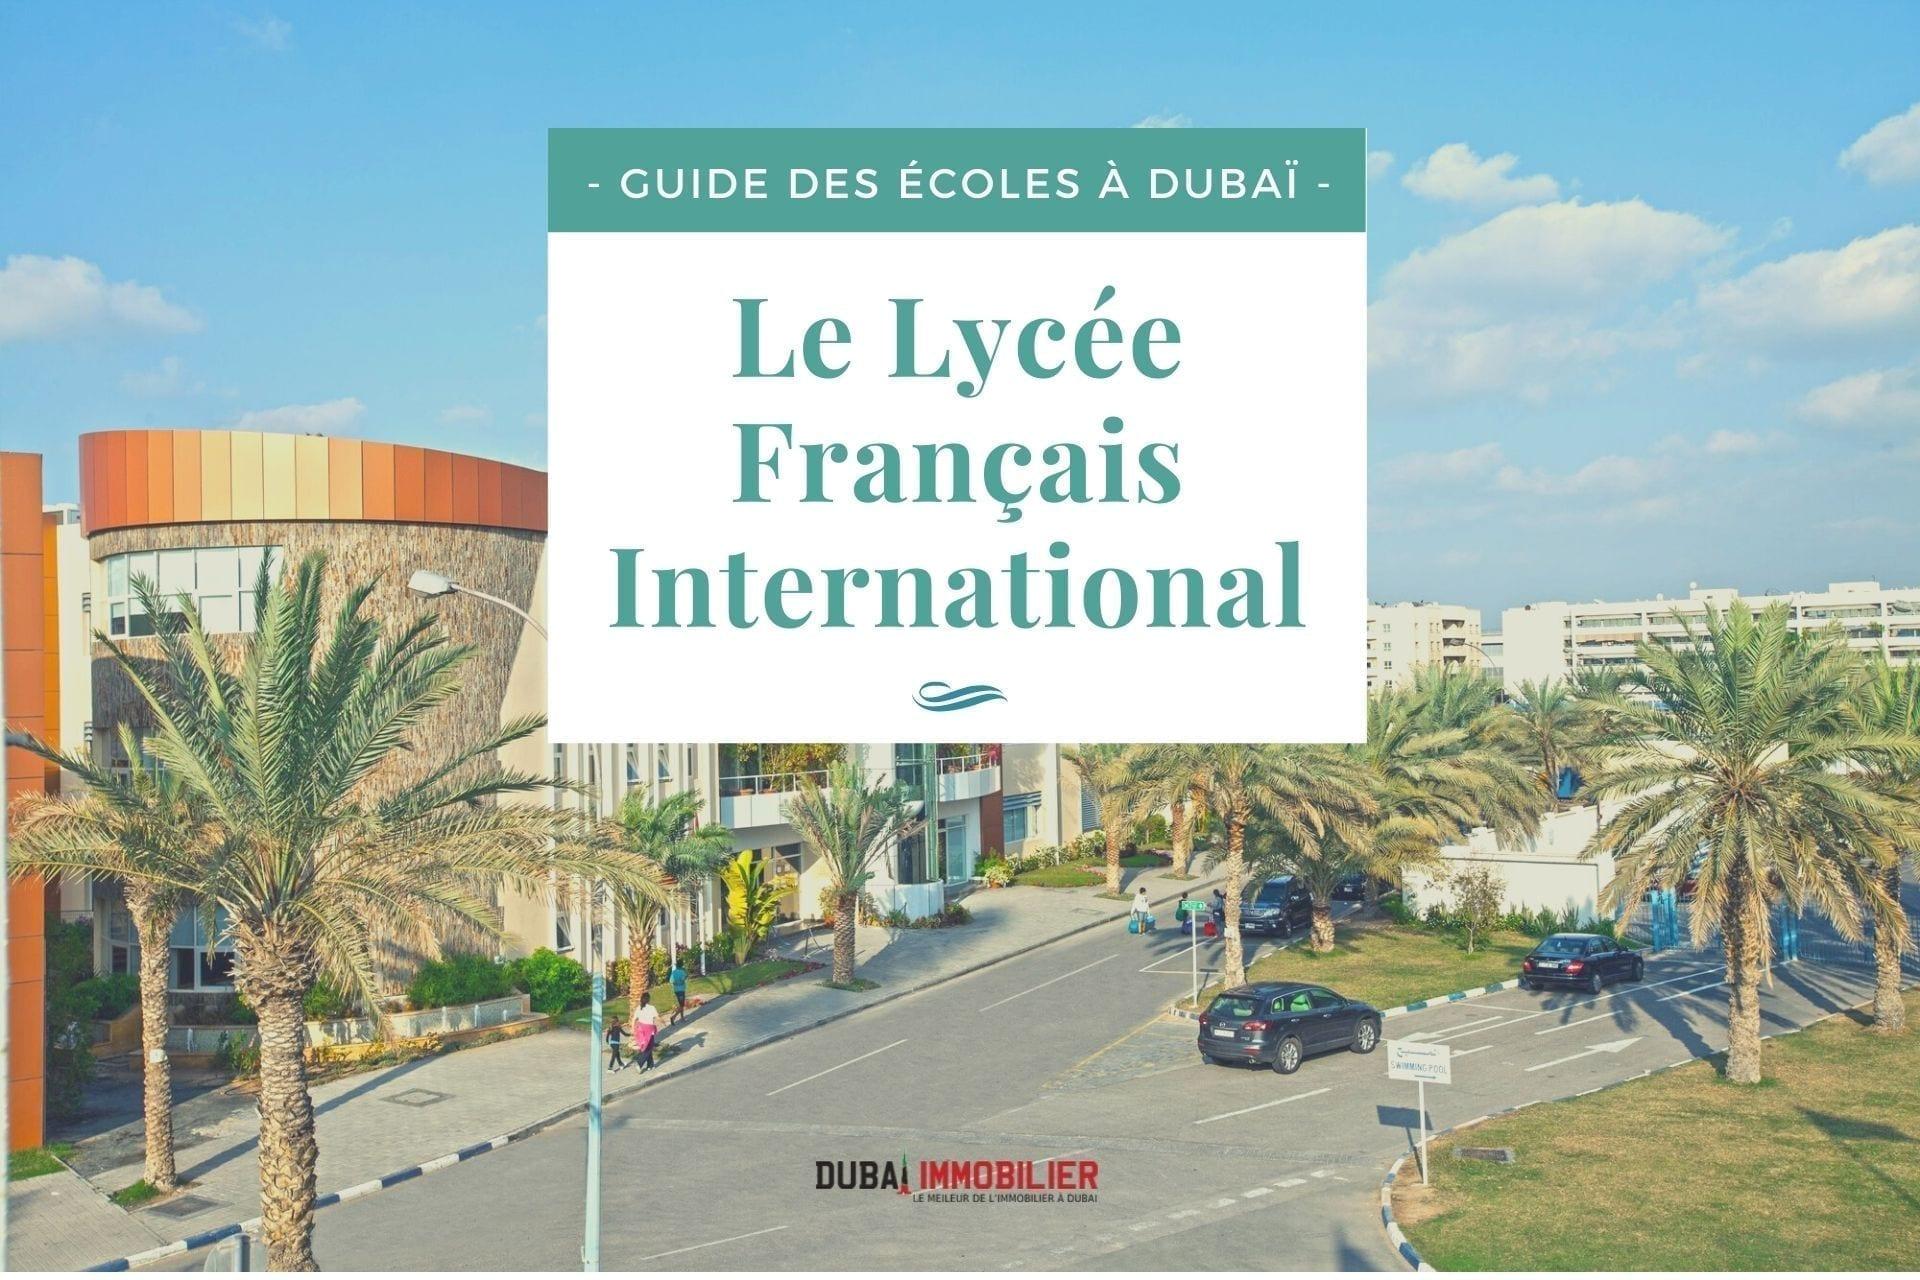 [Guide des écoles françaises à Dubaï] Lycée Français International de Dubaï